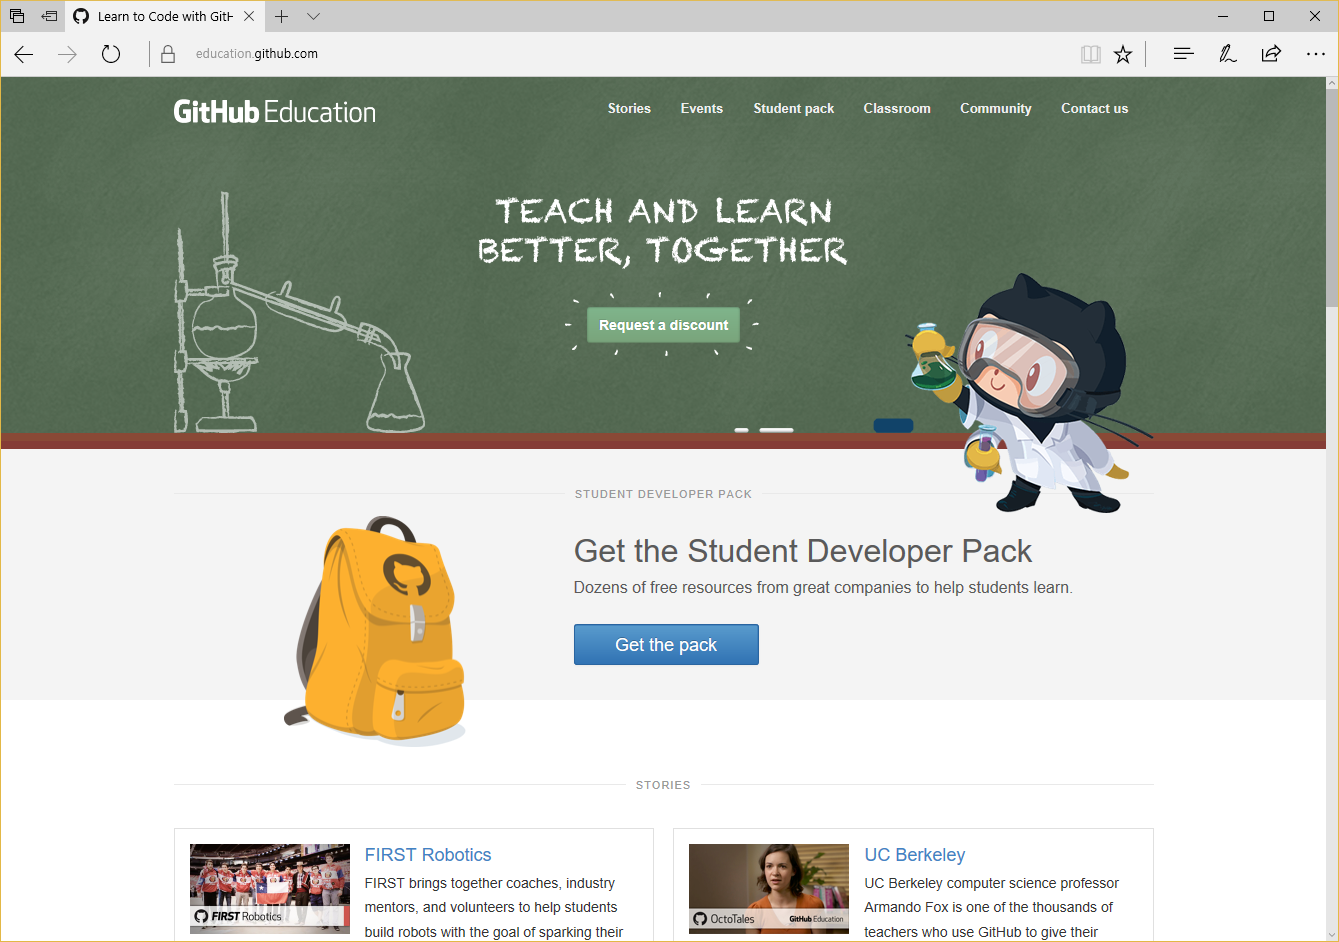 Github 학생 개발자 팩을 얻어보자!